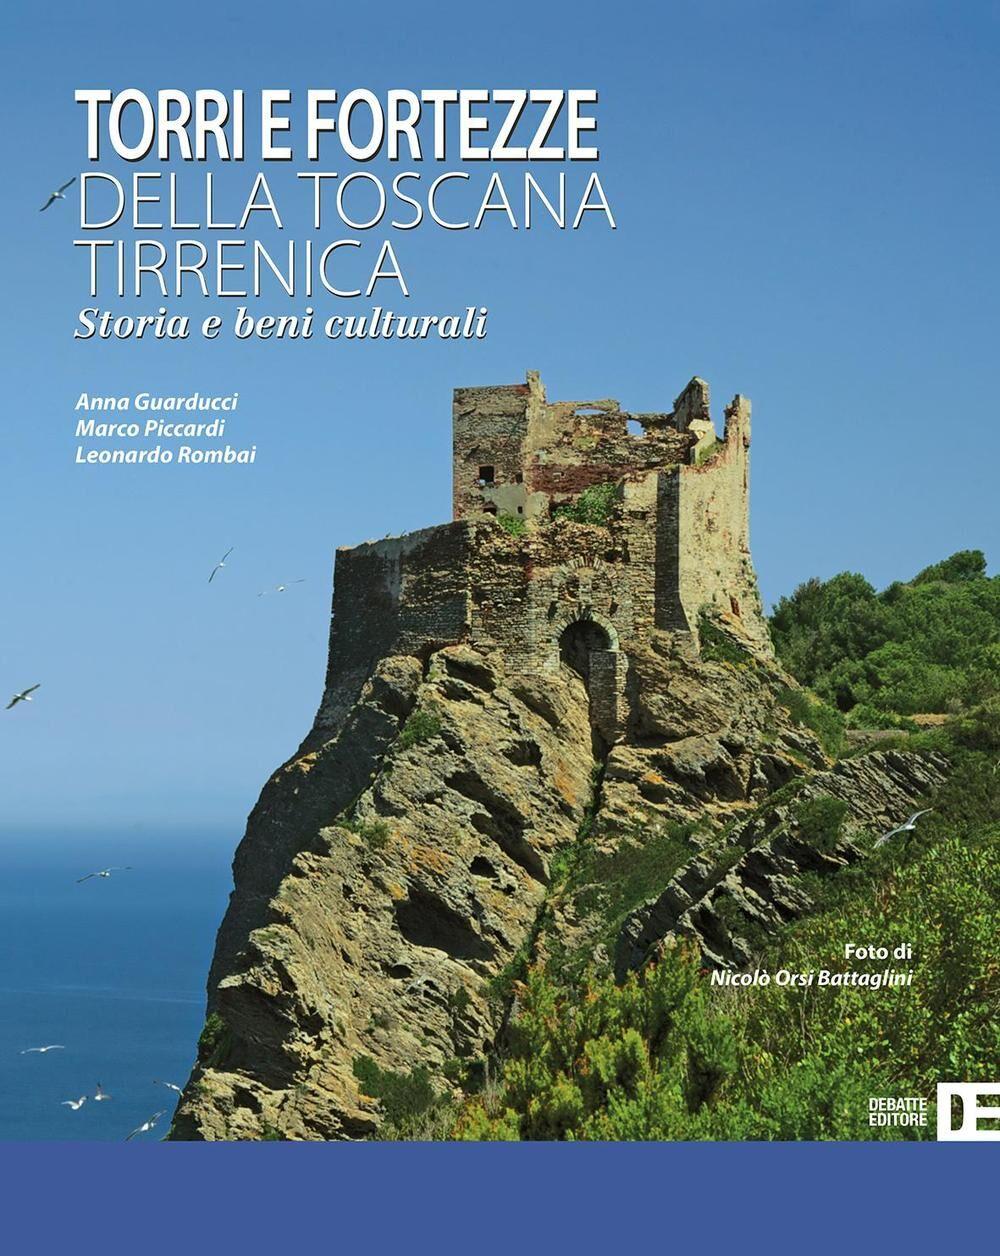 Torri e fortezze della Toscana tirrenica. Storia e beni culturali